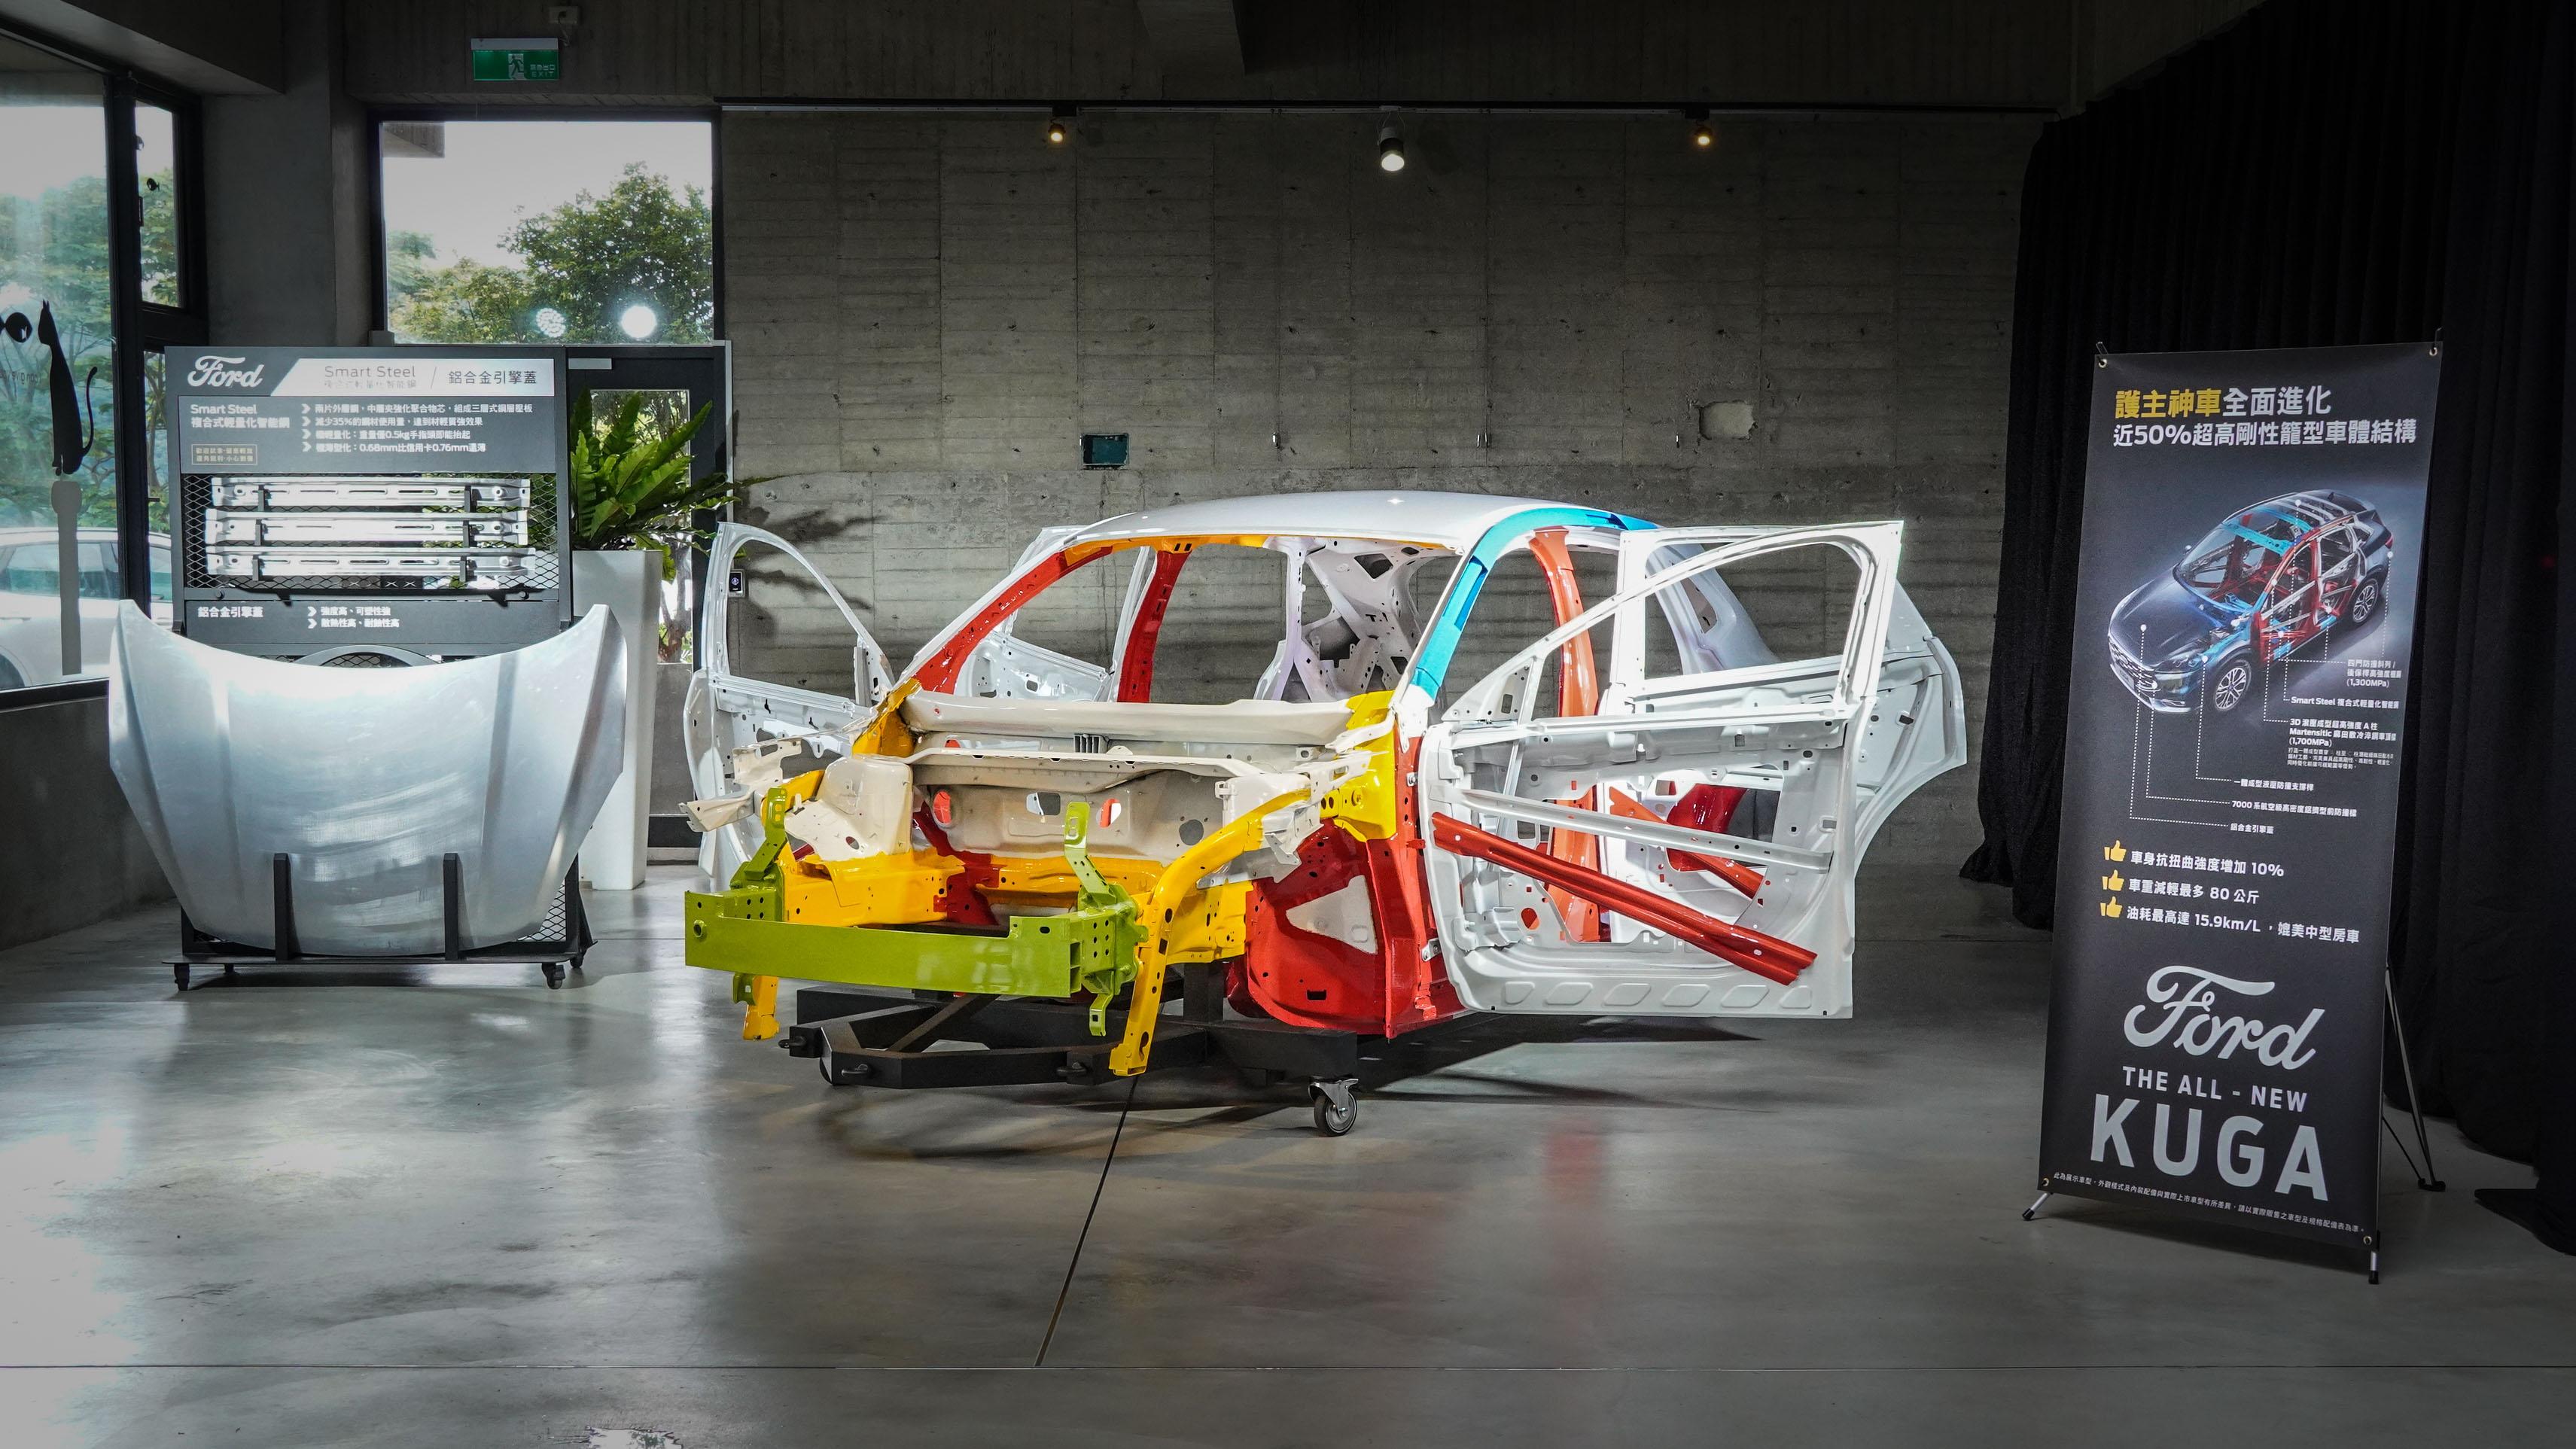 Ford Kuga 擁有近50%超高剛性籠型車體結構。